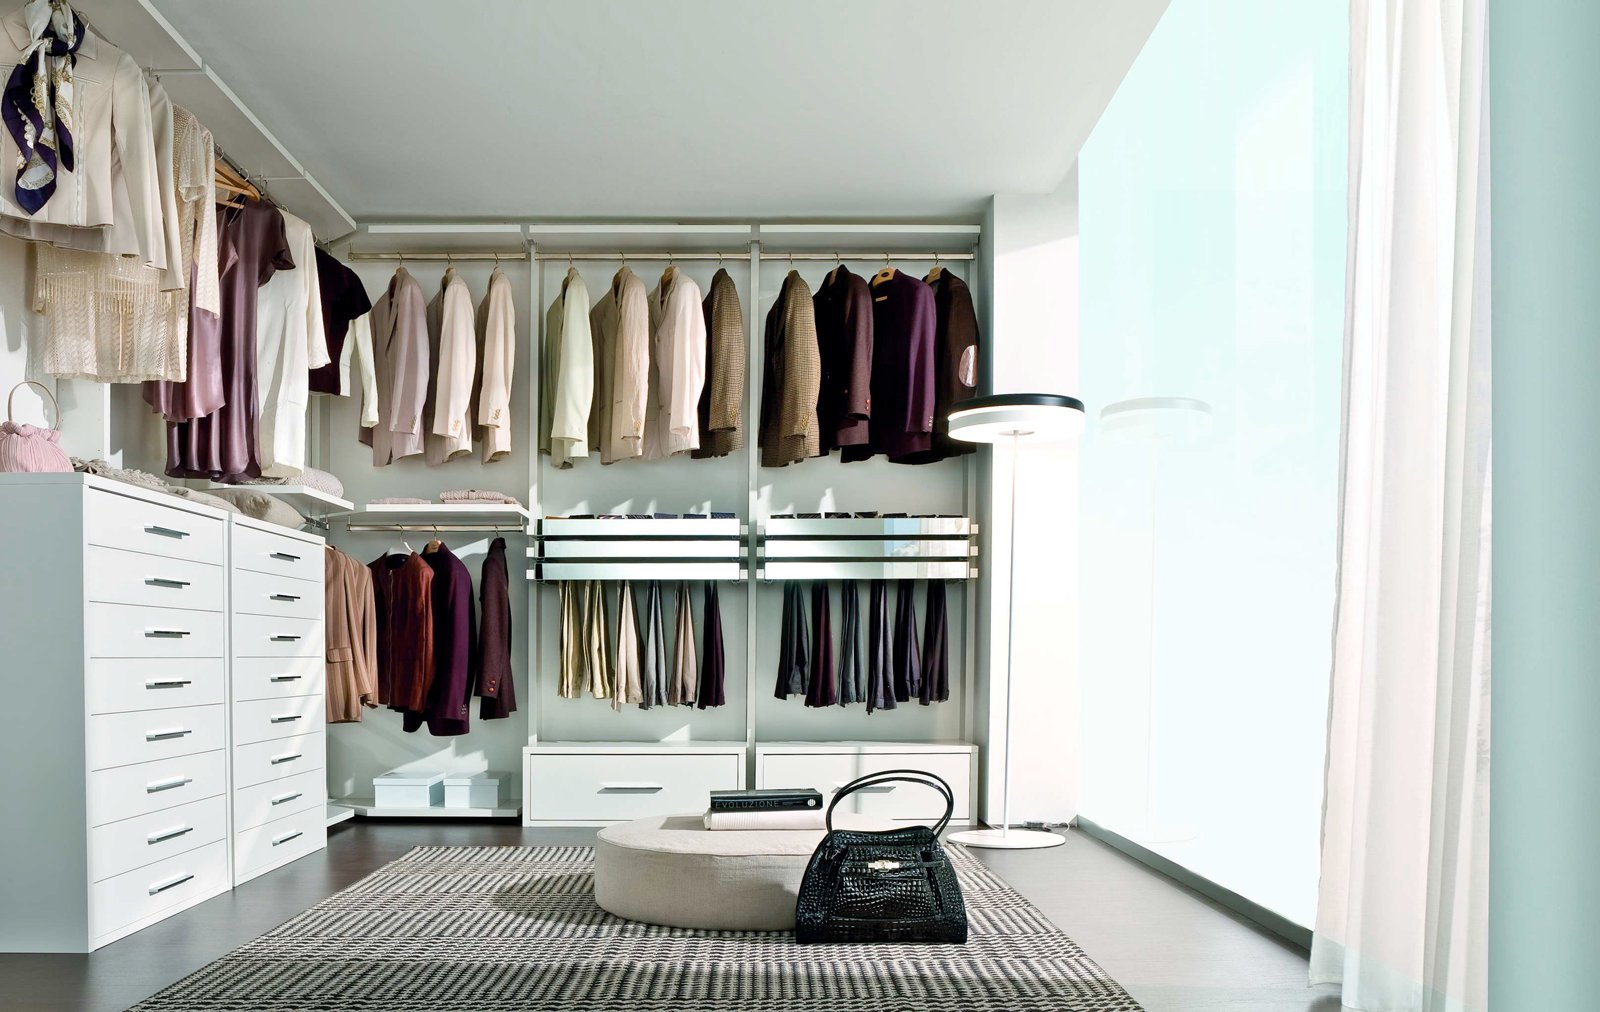 Cabina Armadio H : Cabine armadio soluzione trendy cose di casa